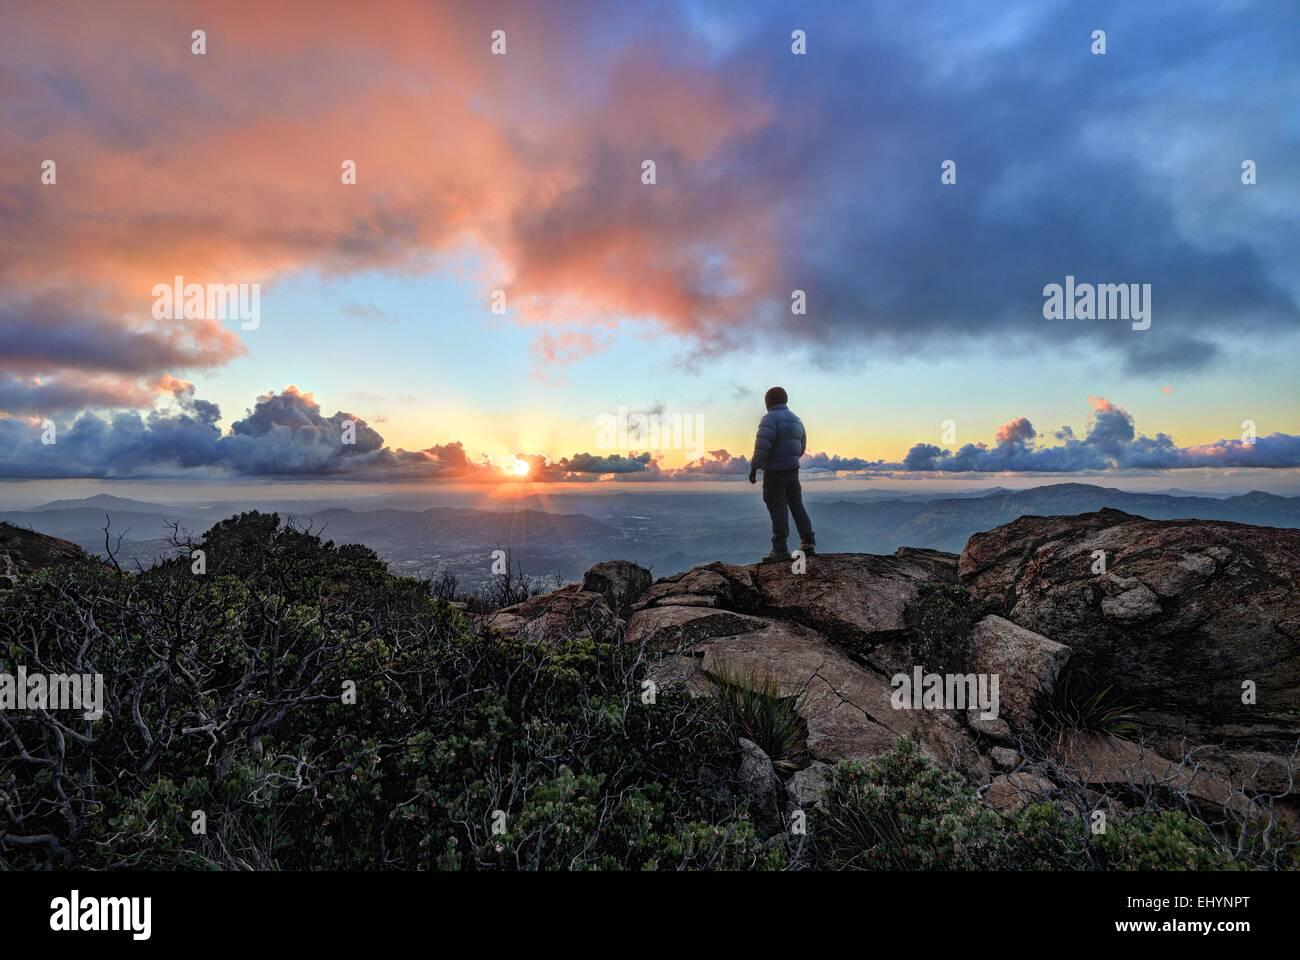 Hombre maduro, de pie sobre una montaña al atardecer, el Bosque Nacional de Cleveland, EE.UU. Imagen De Stock